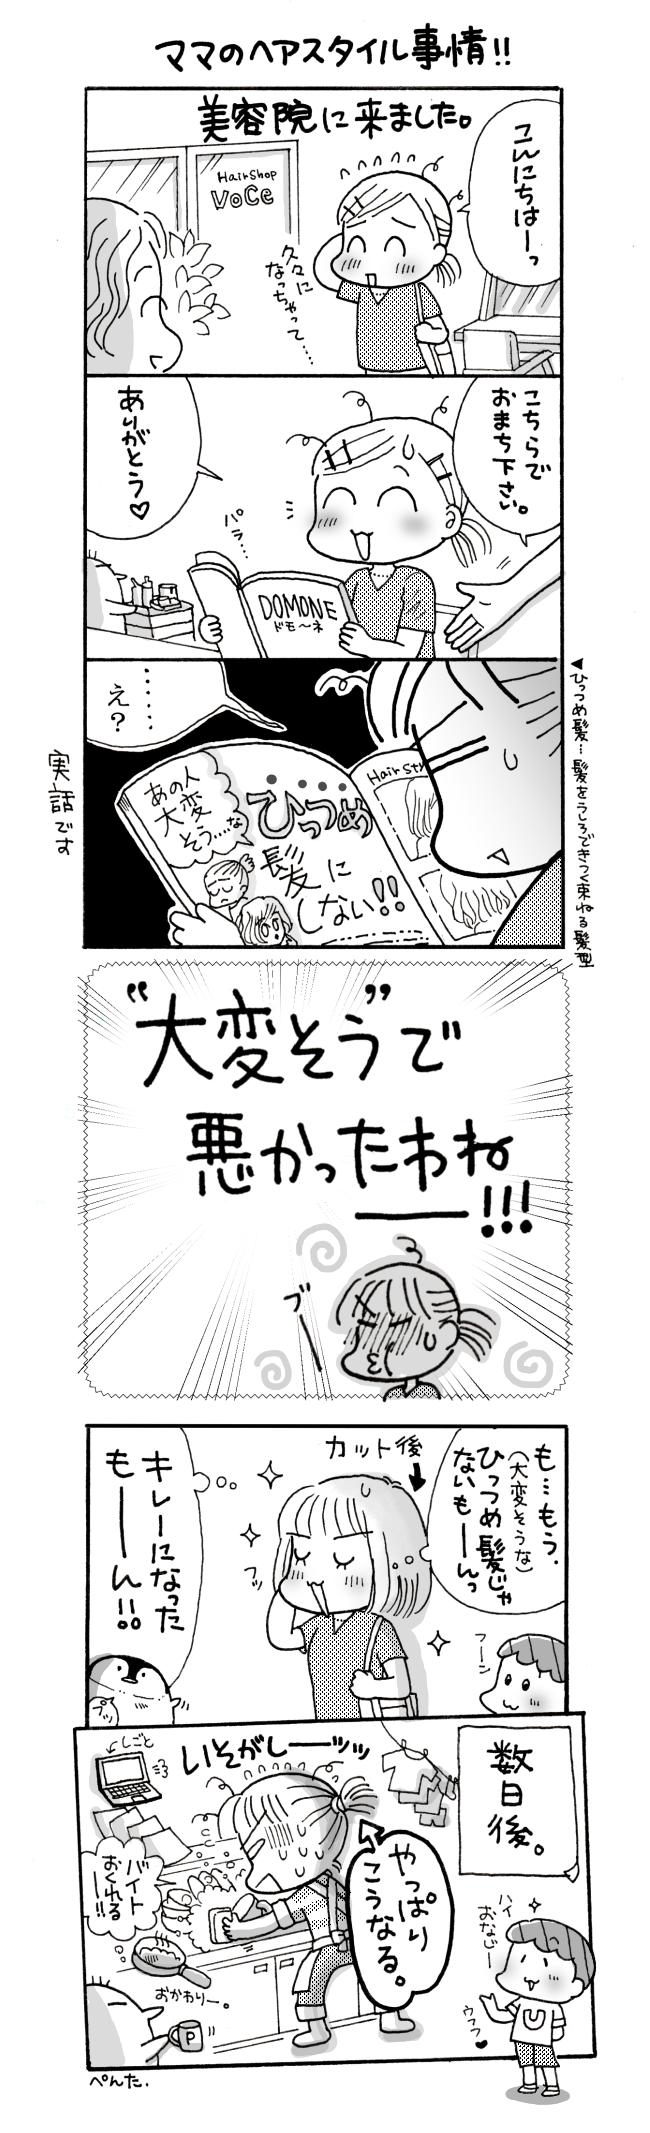 ママのヘアスタイル事情-1(650トーン)